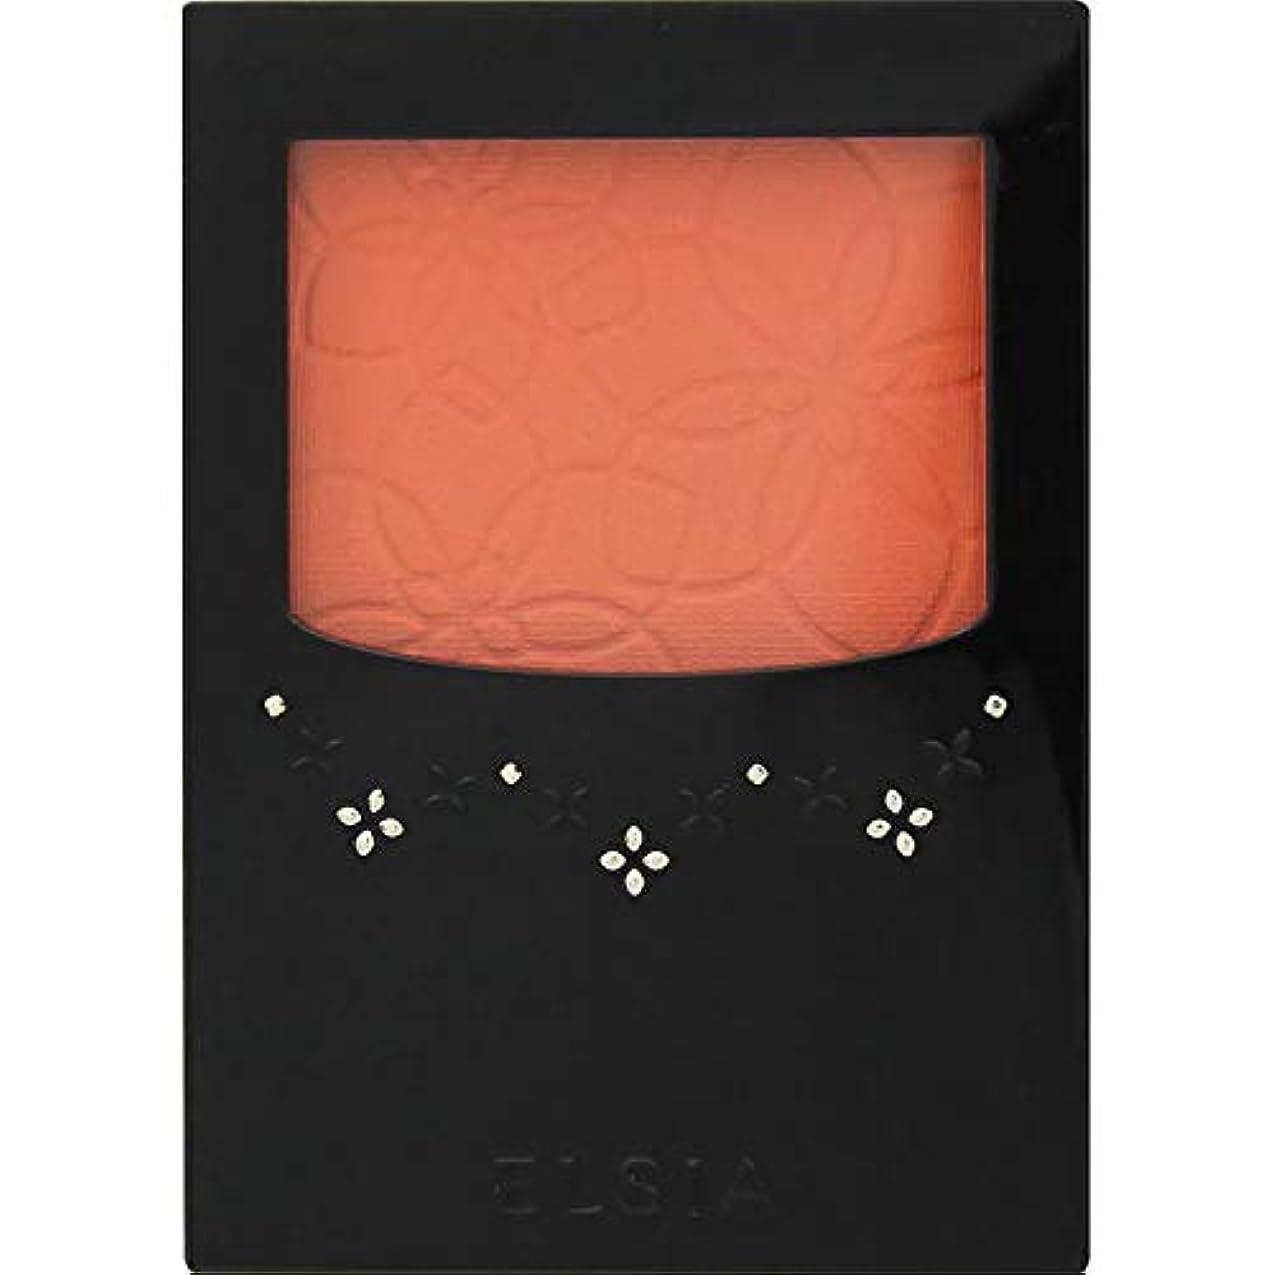 イブ盗難落とし穴エルシア プラチナム 明るさ&血色アップ チークカラー オレンジ系 OR200 3.5g